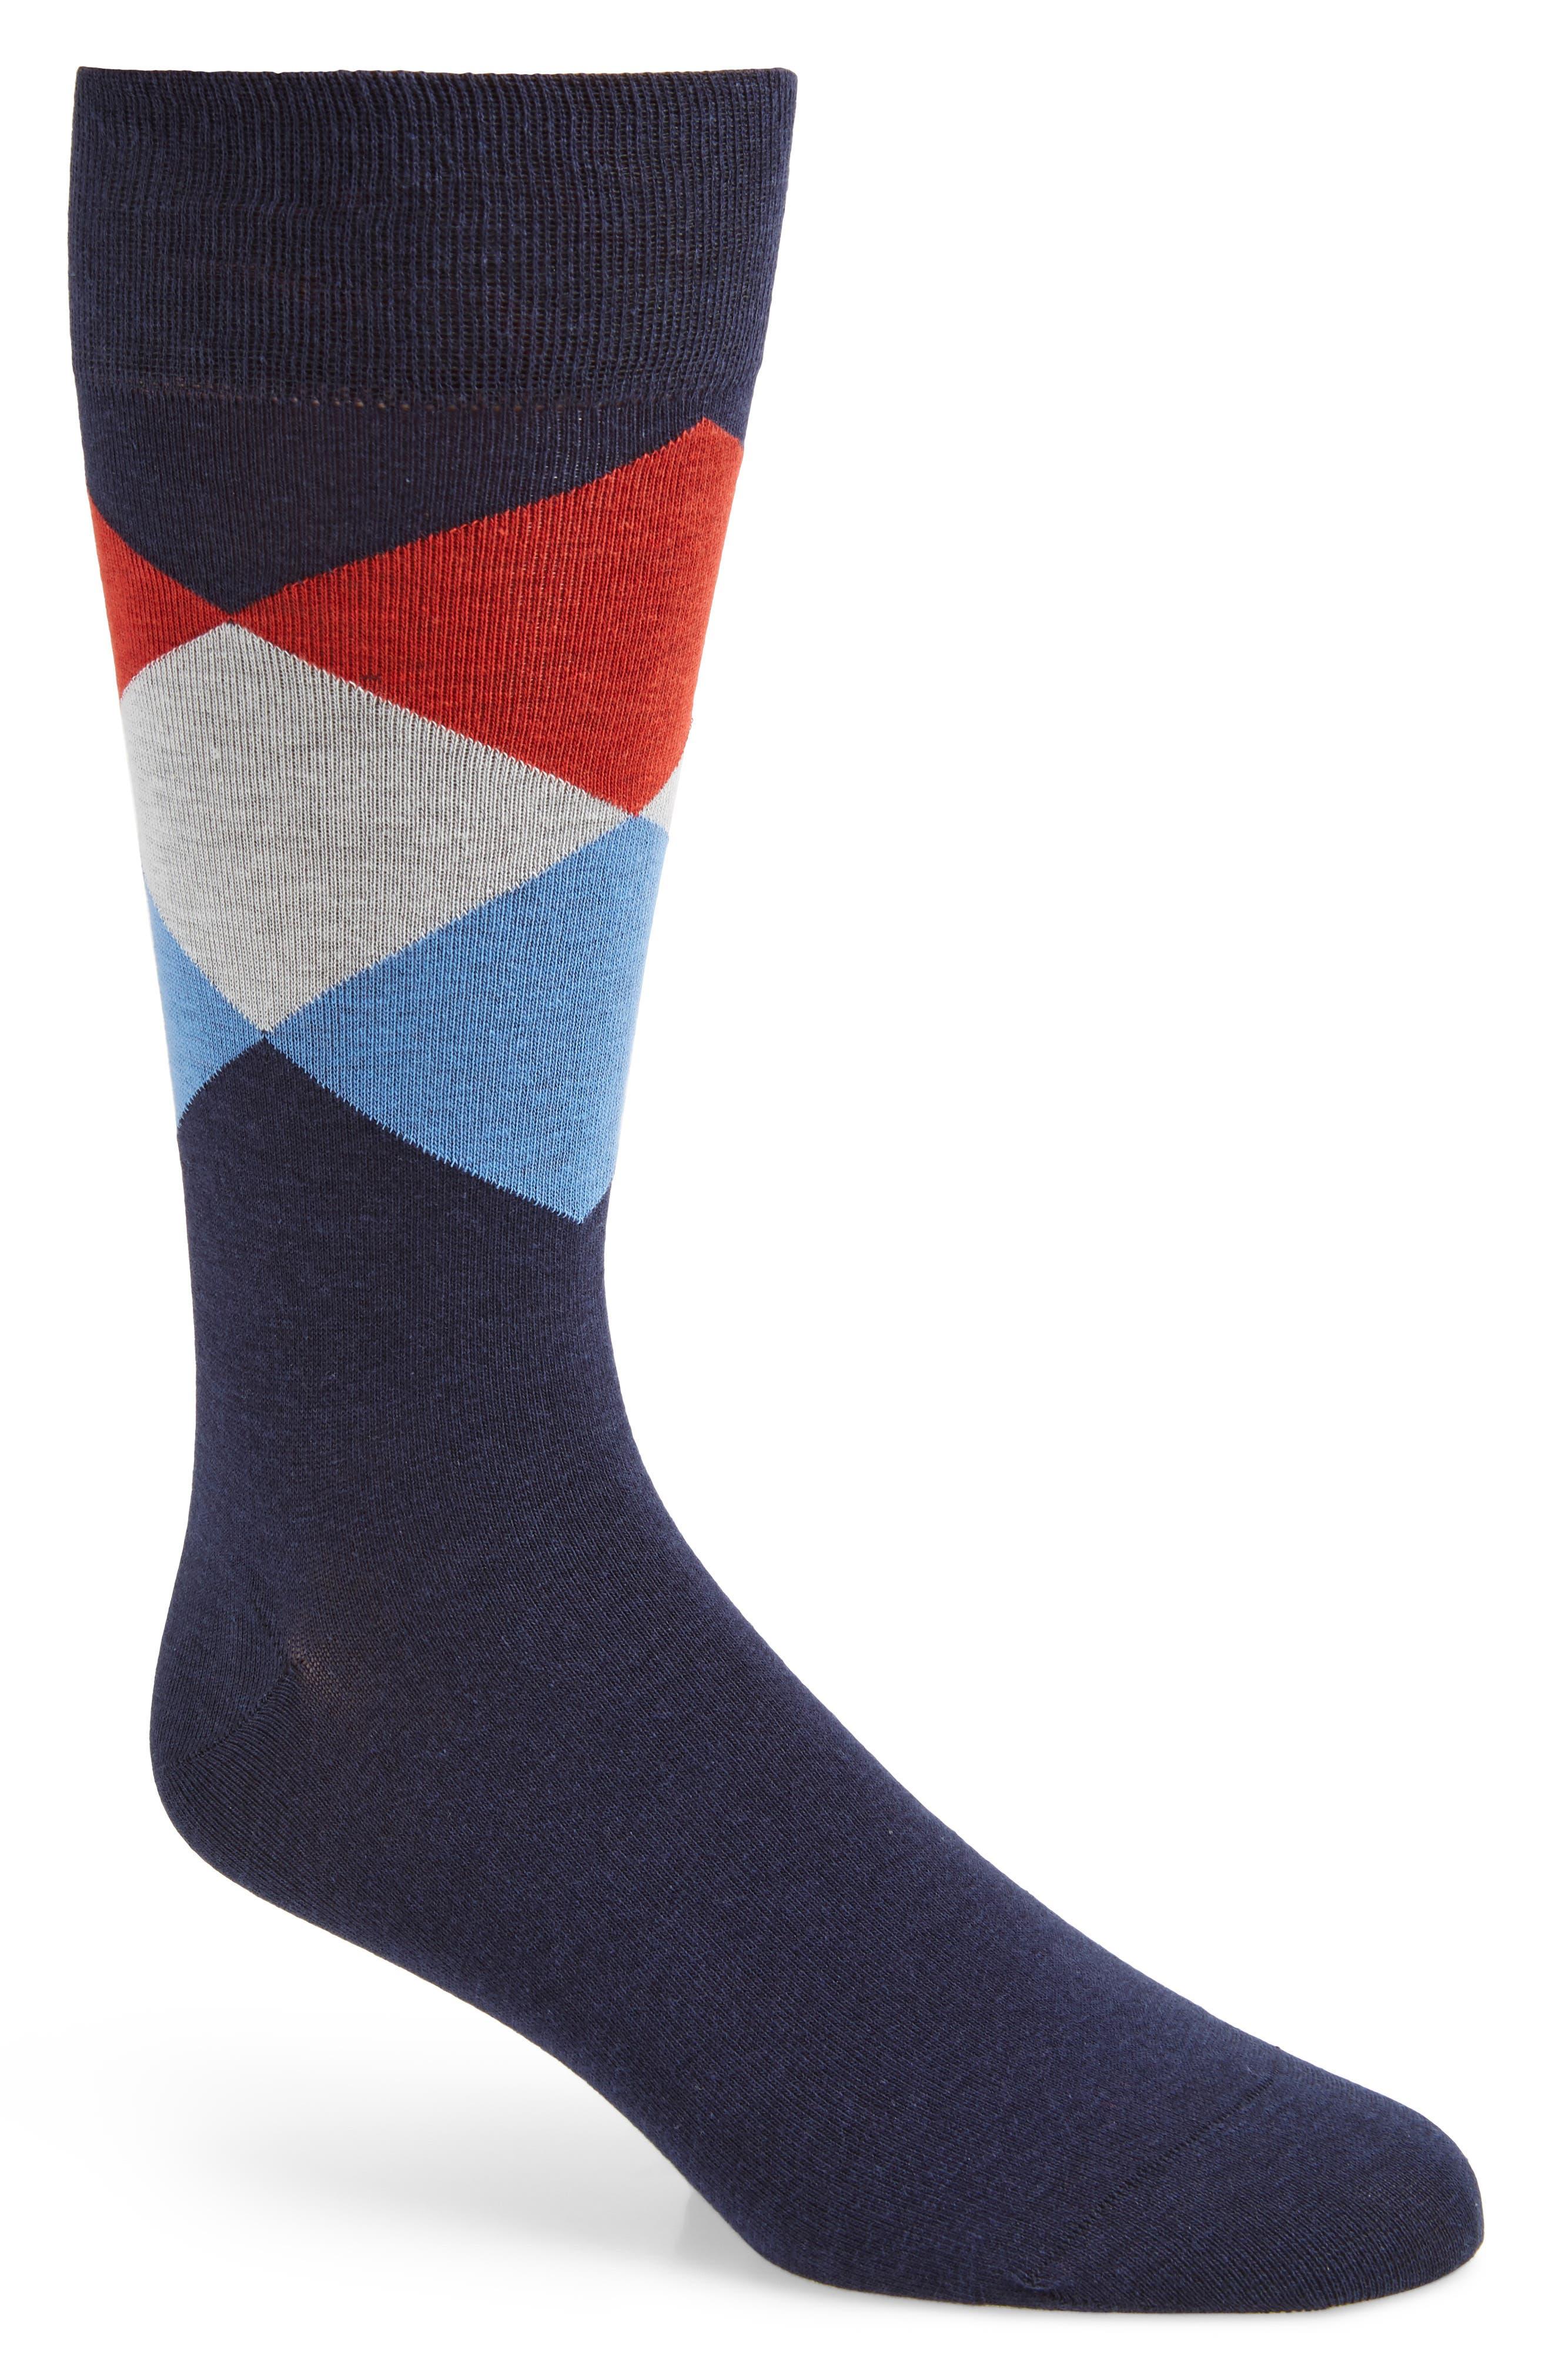 Large Diamond Crew Socks,                             Main thumbnail 1, color,                             BLUE